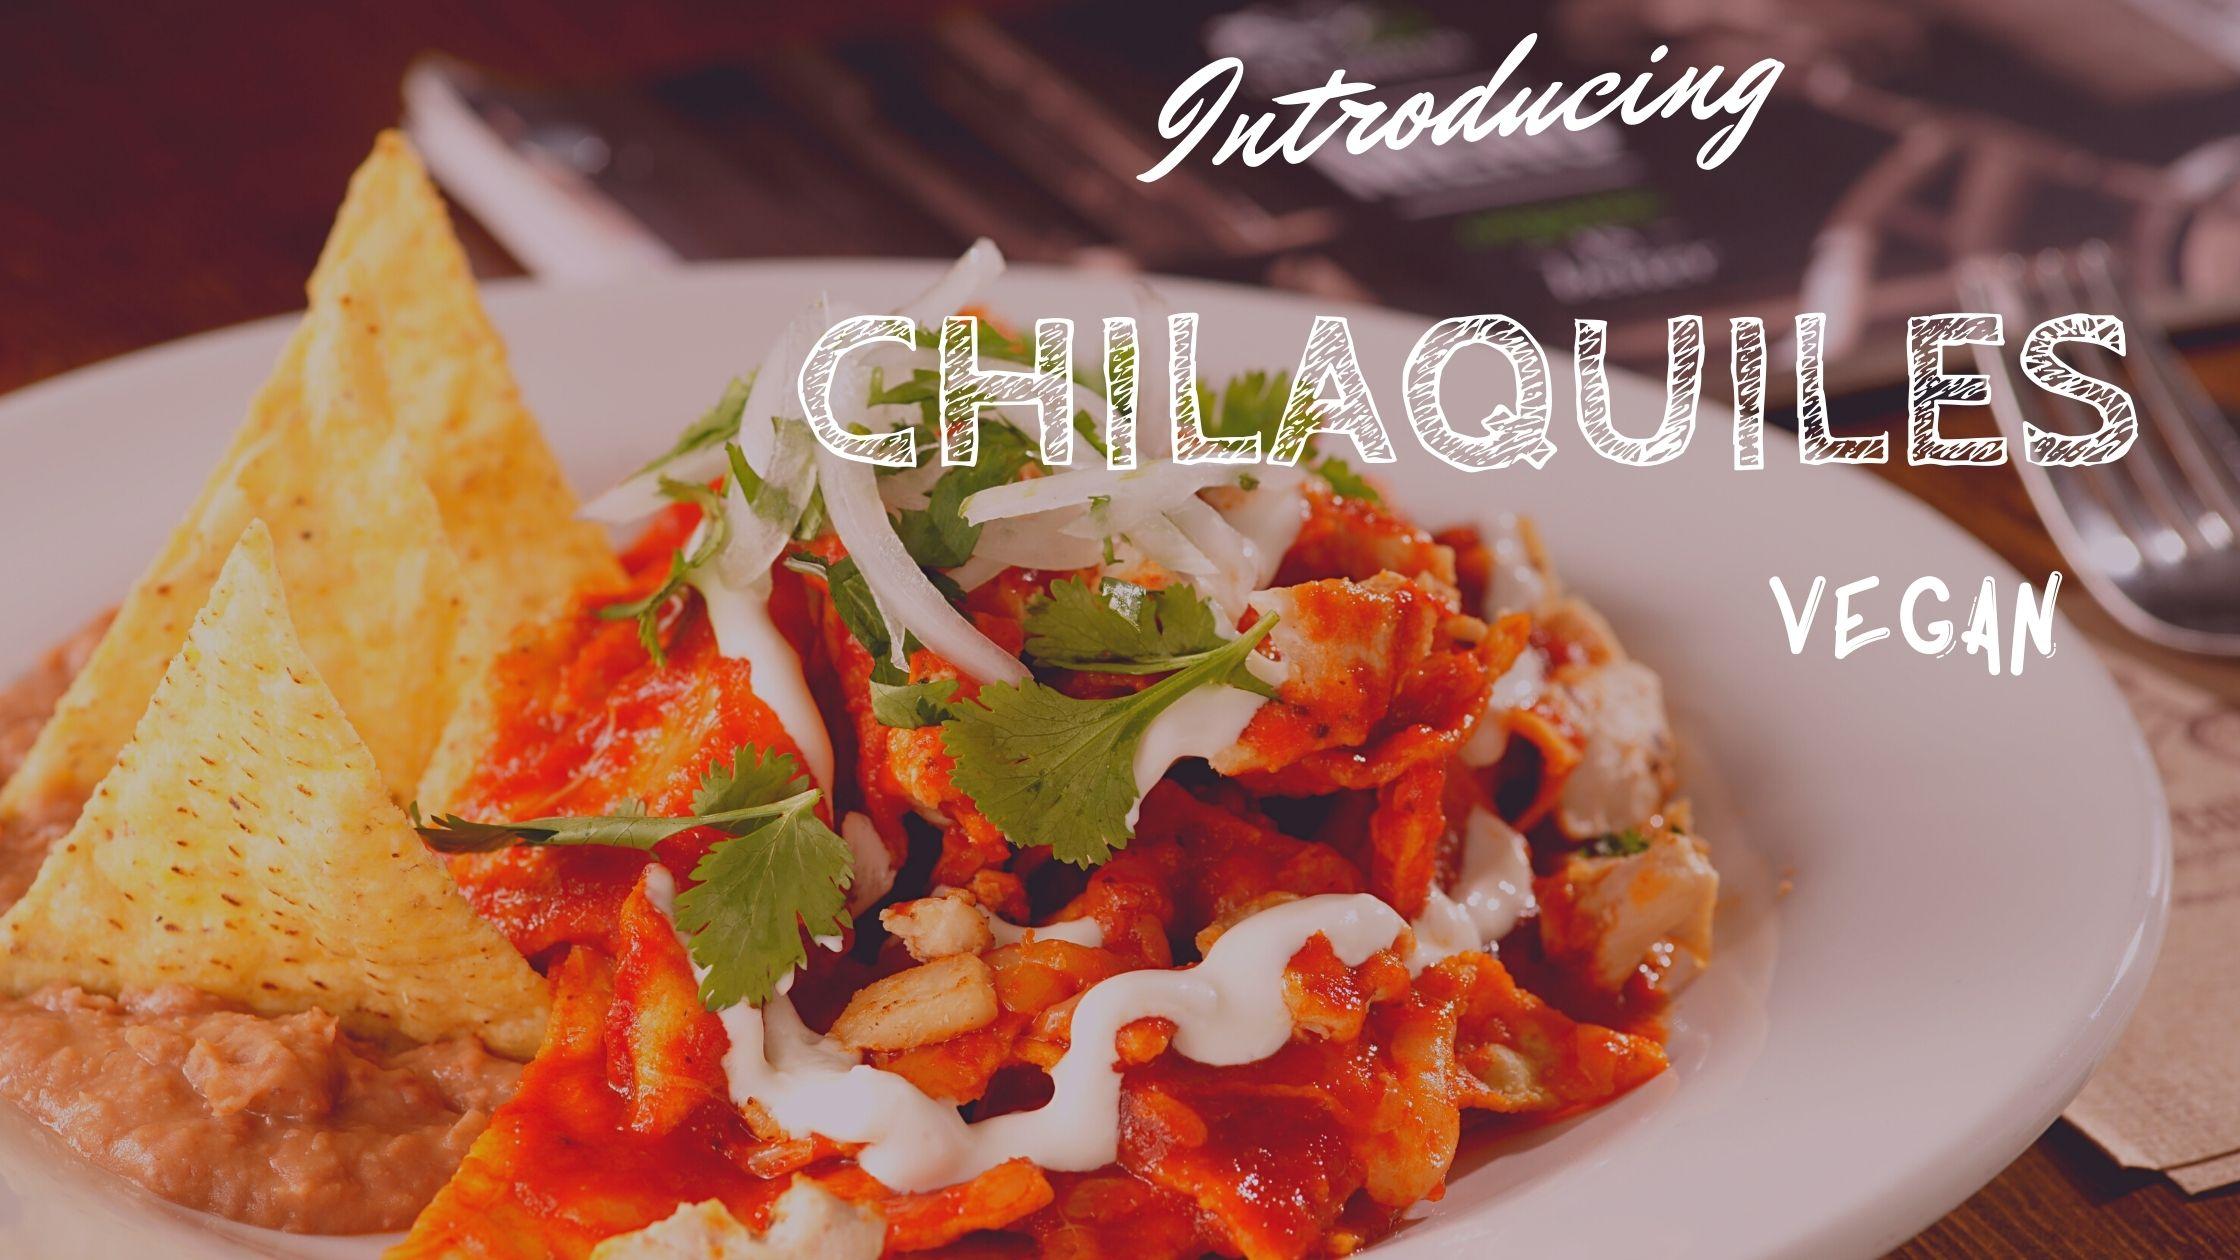 チラキレス メキシコ料理 レシピ ヴィーガン 朝ごはん メキシコ ヴィーガン サステイナブル